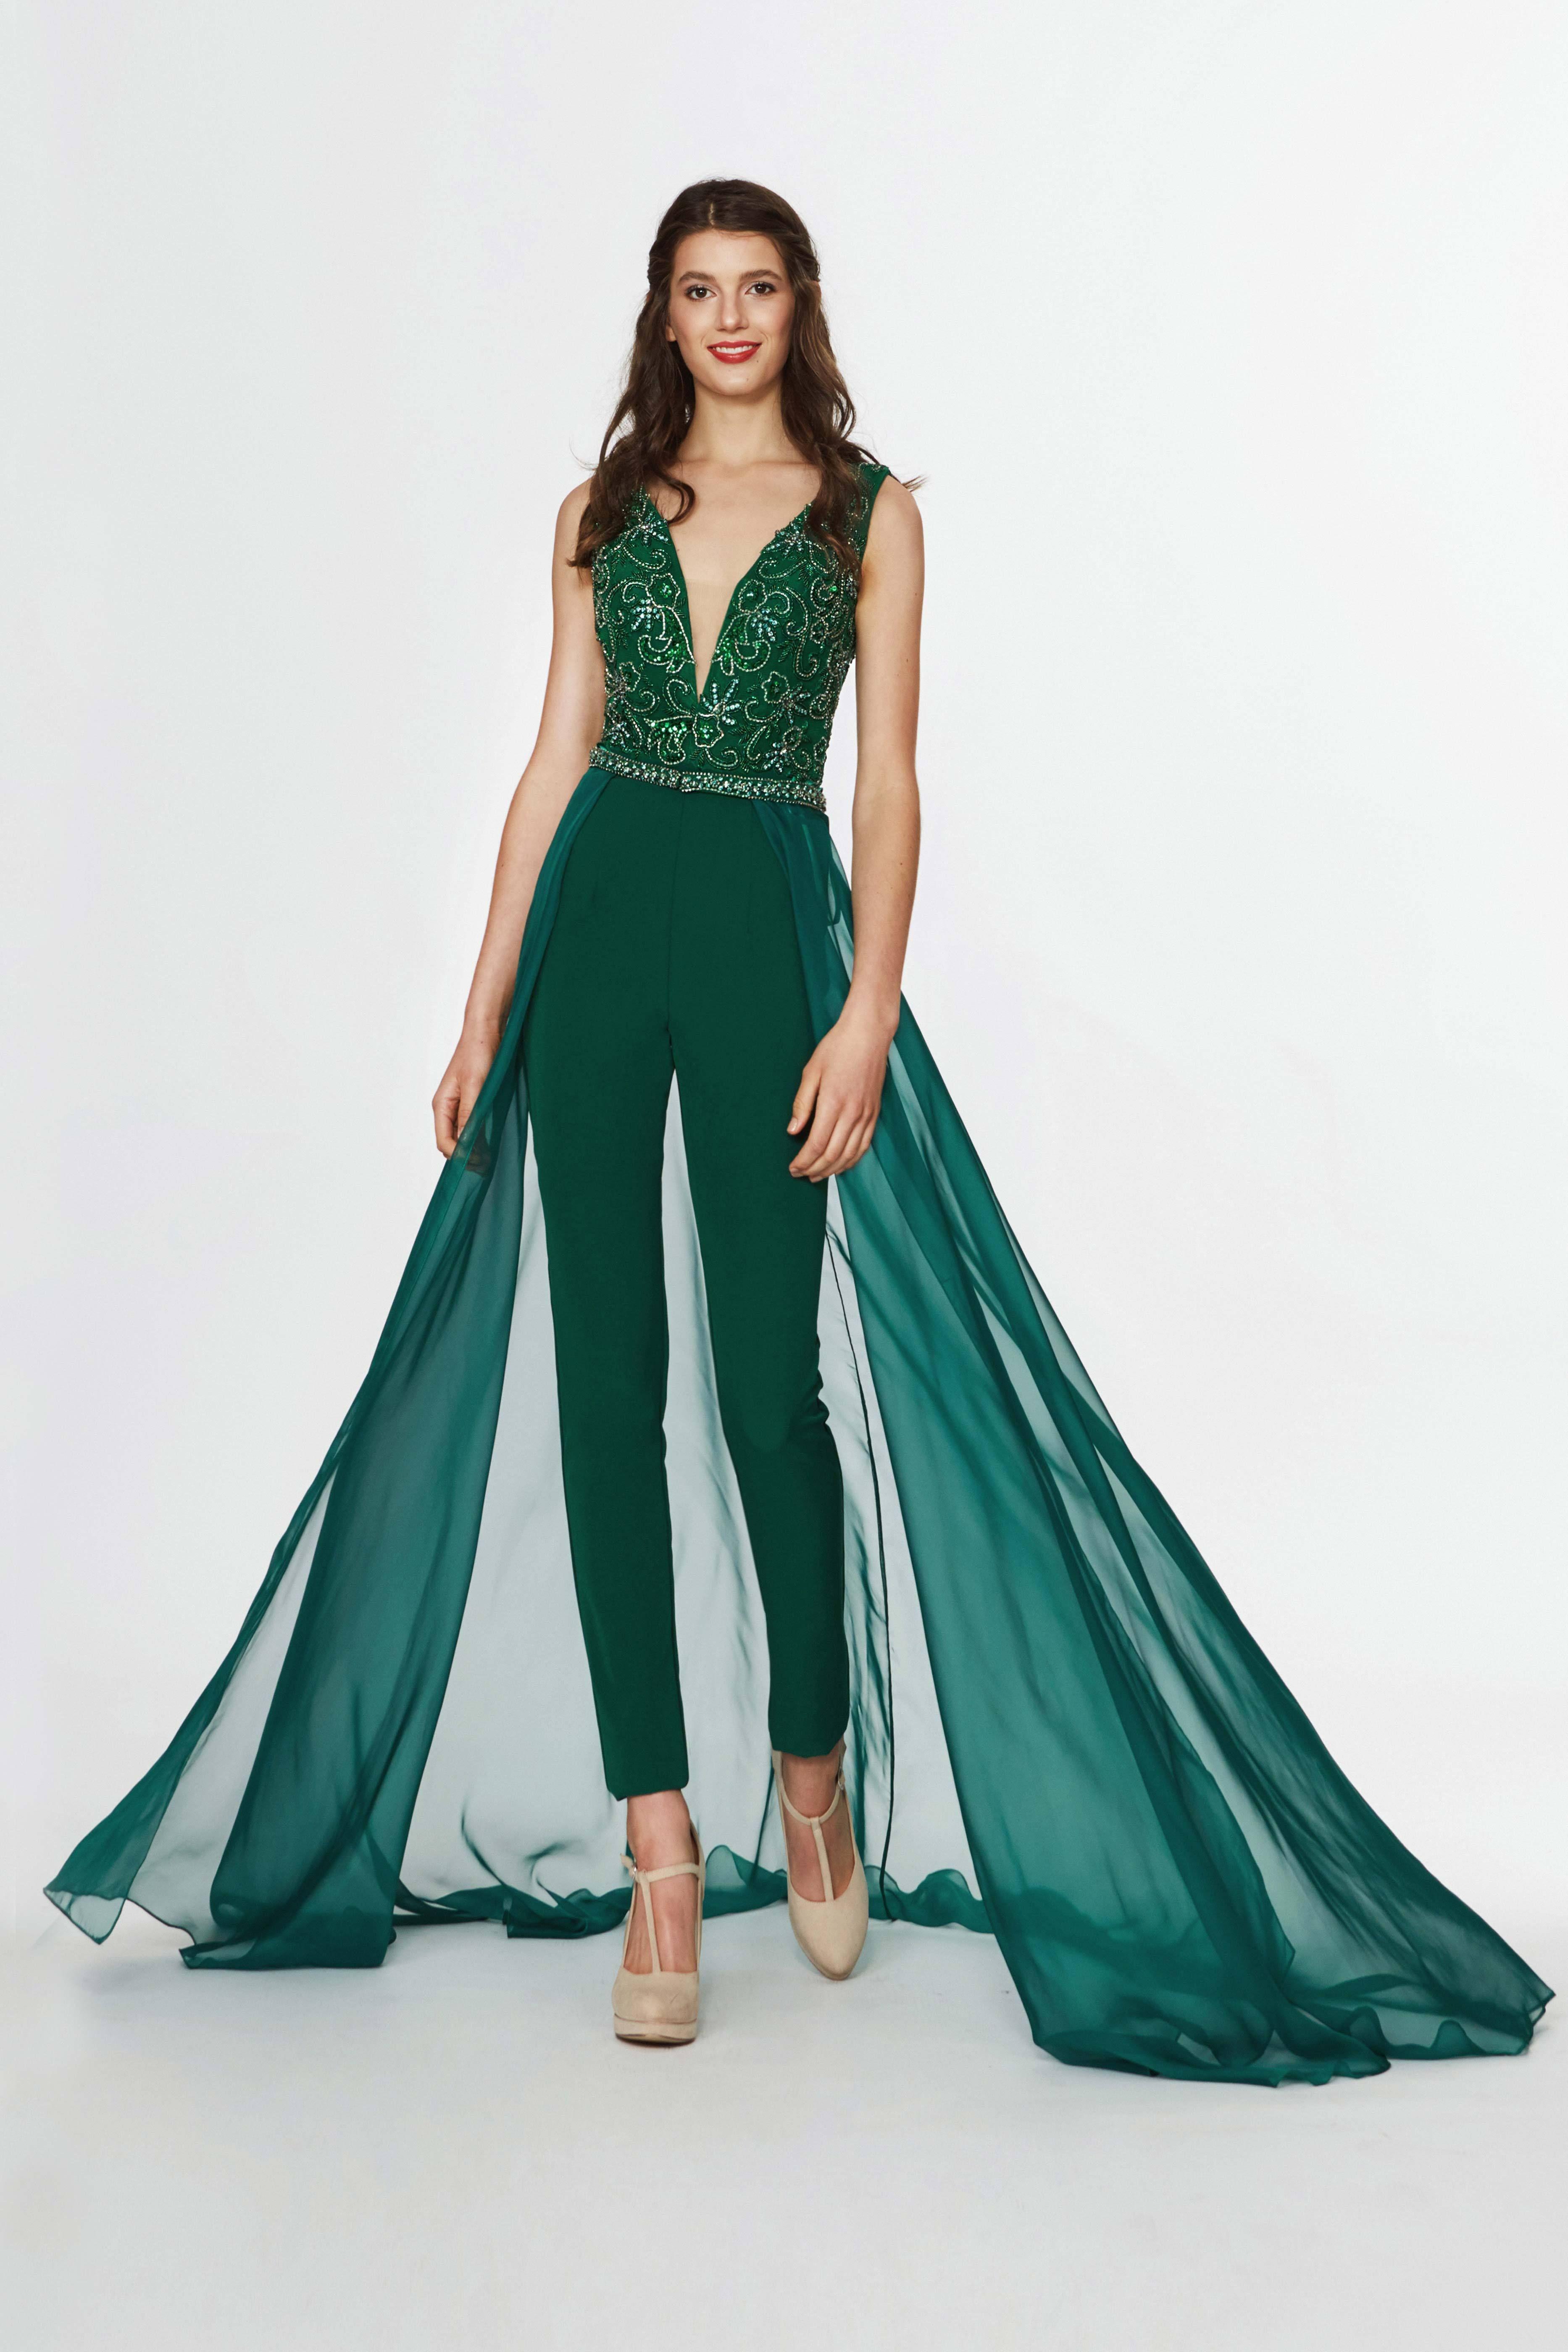 Angela Alison 91131 Embellished Deep V Neck Fitted Jumpsuit In 2021 Jumpsuit Prom Dress Jumpsuit Elegant Fashion [ 5597 x 3732 Pixel ]